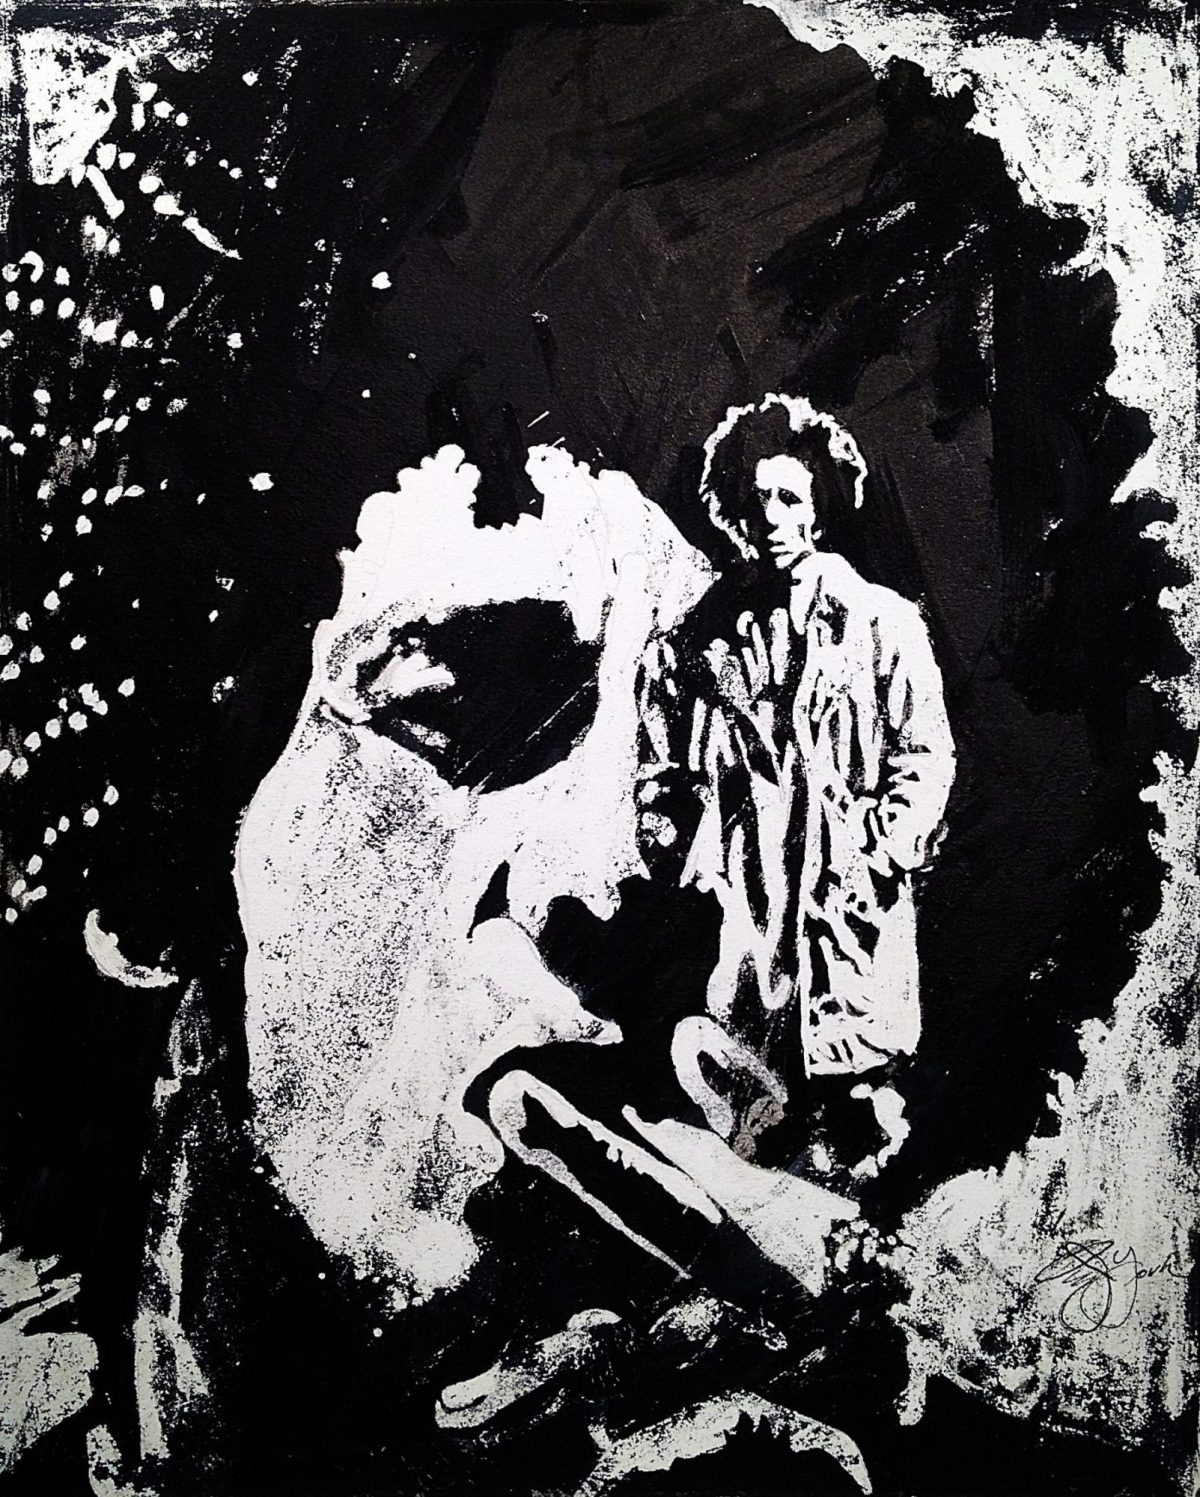 Owen York Art - Bob Marley